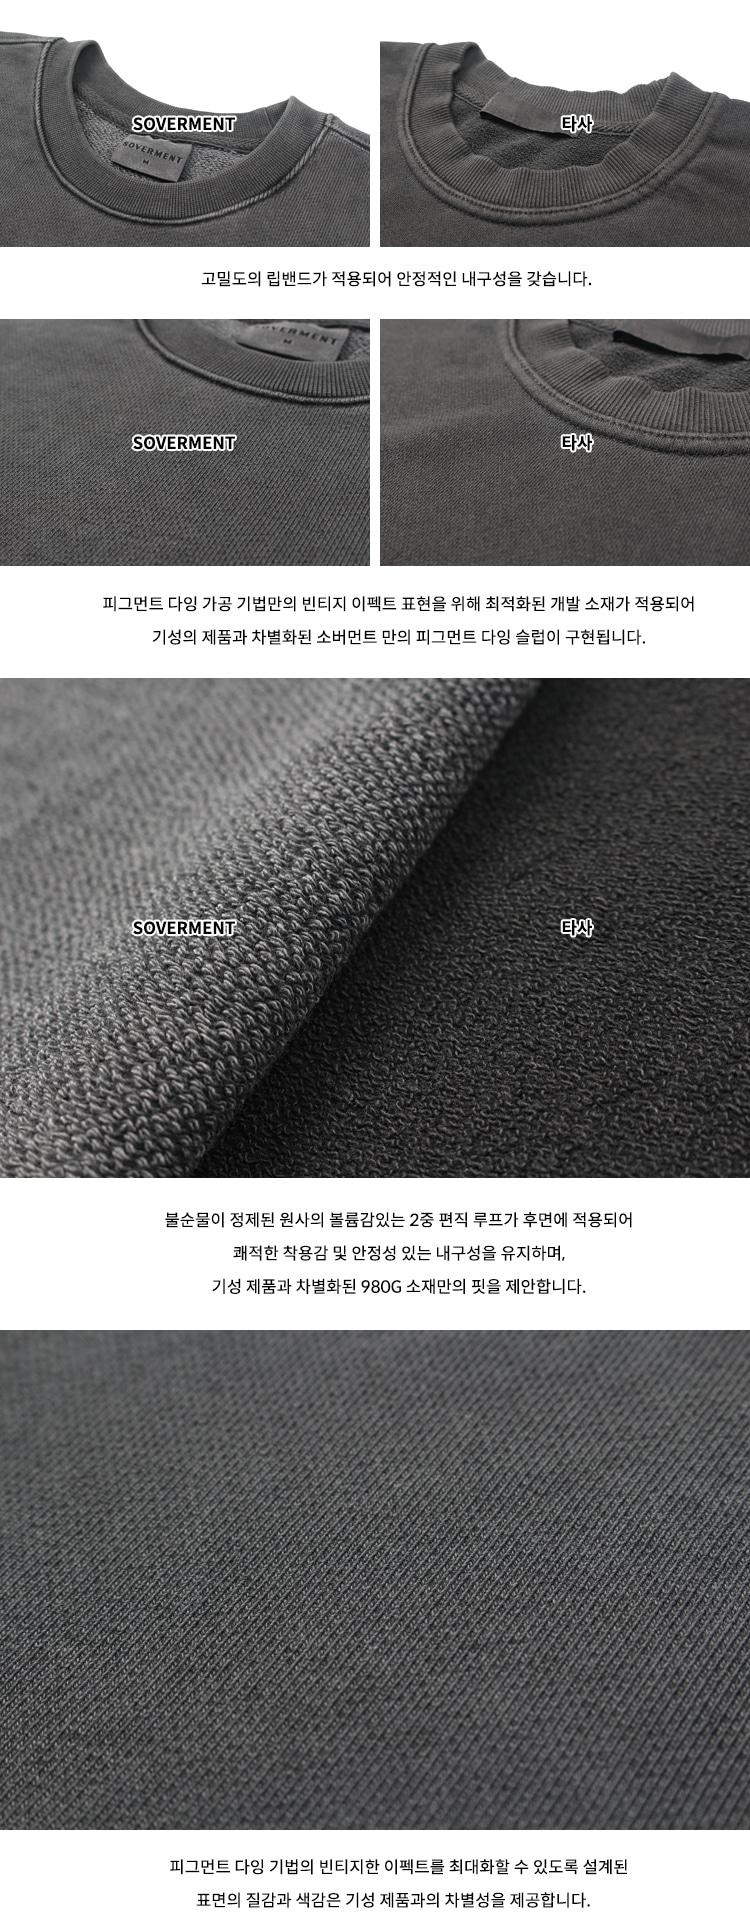 소버먼트(SOVERMENT) 980g pigment mtm-charcoal-